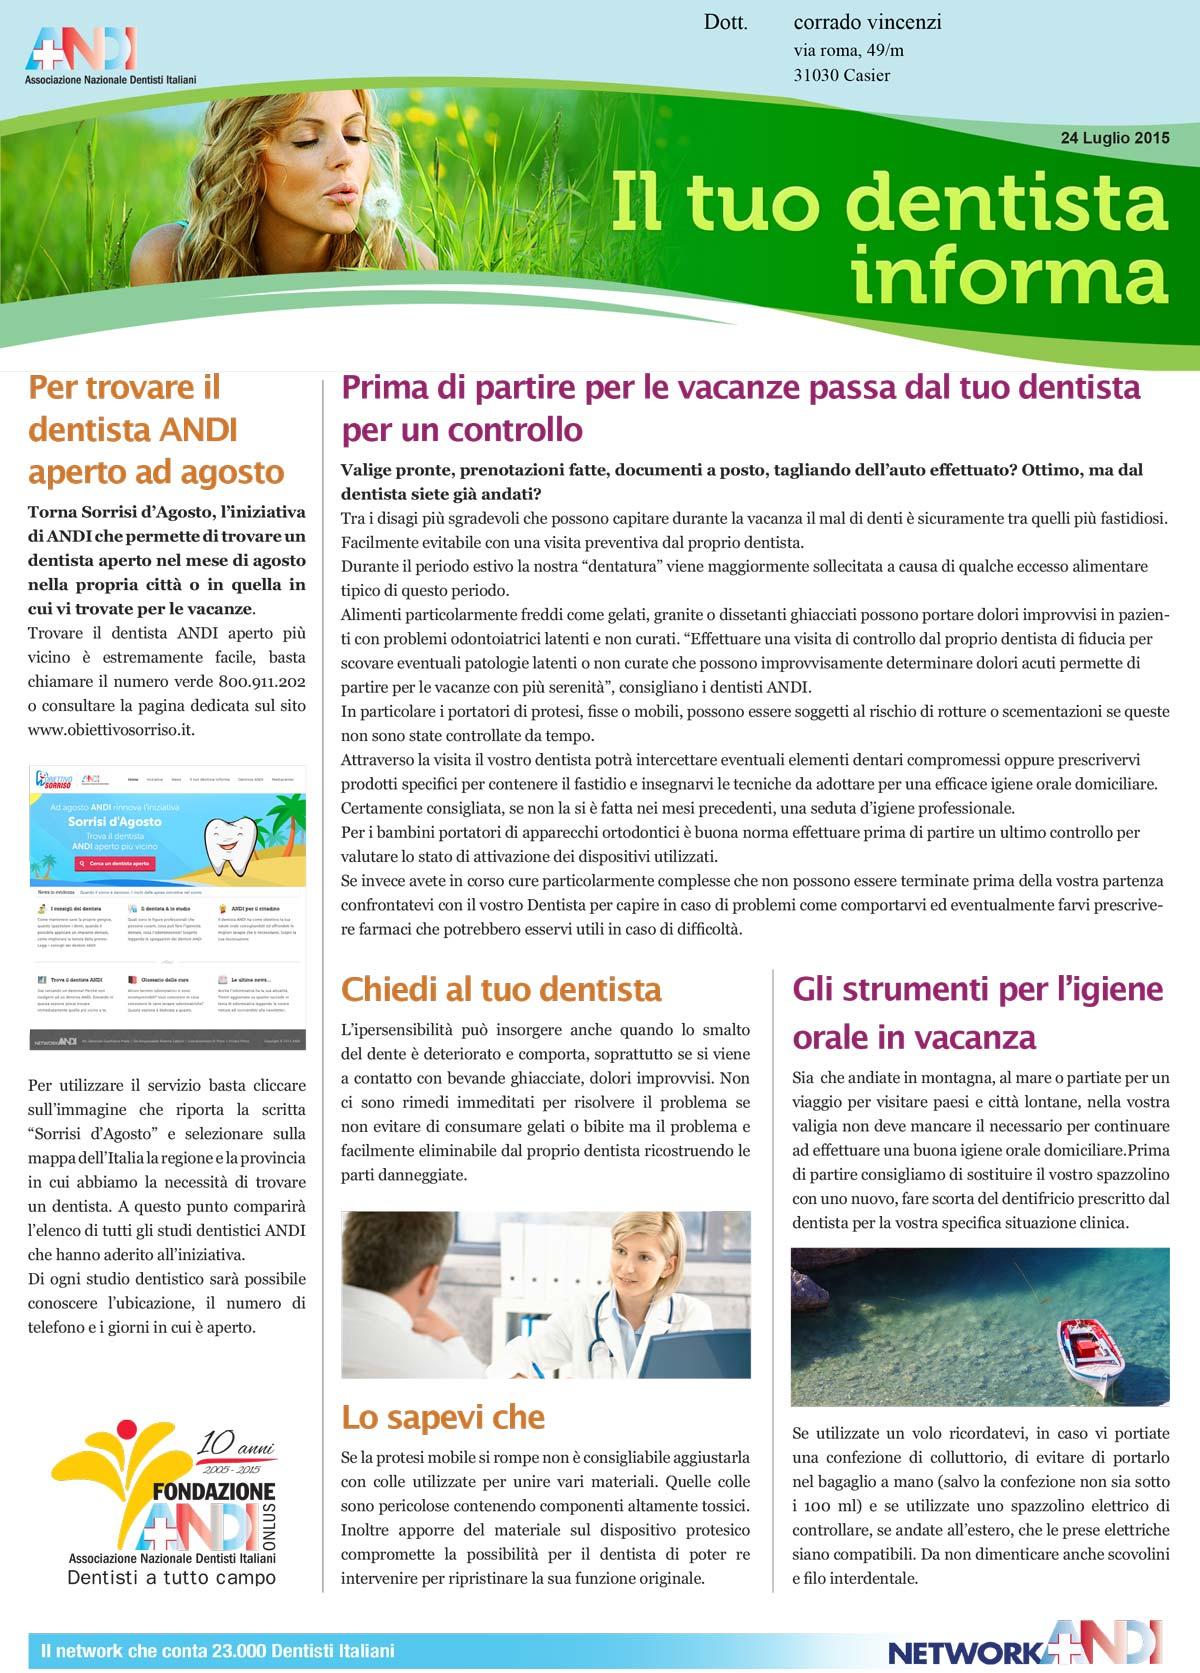 38_il_tuo_dentista_informa-studio-vincenzi-treviso